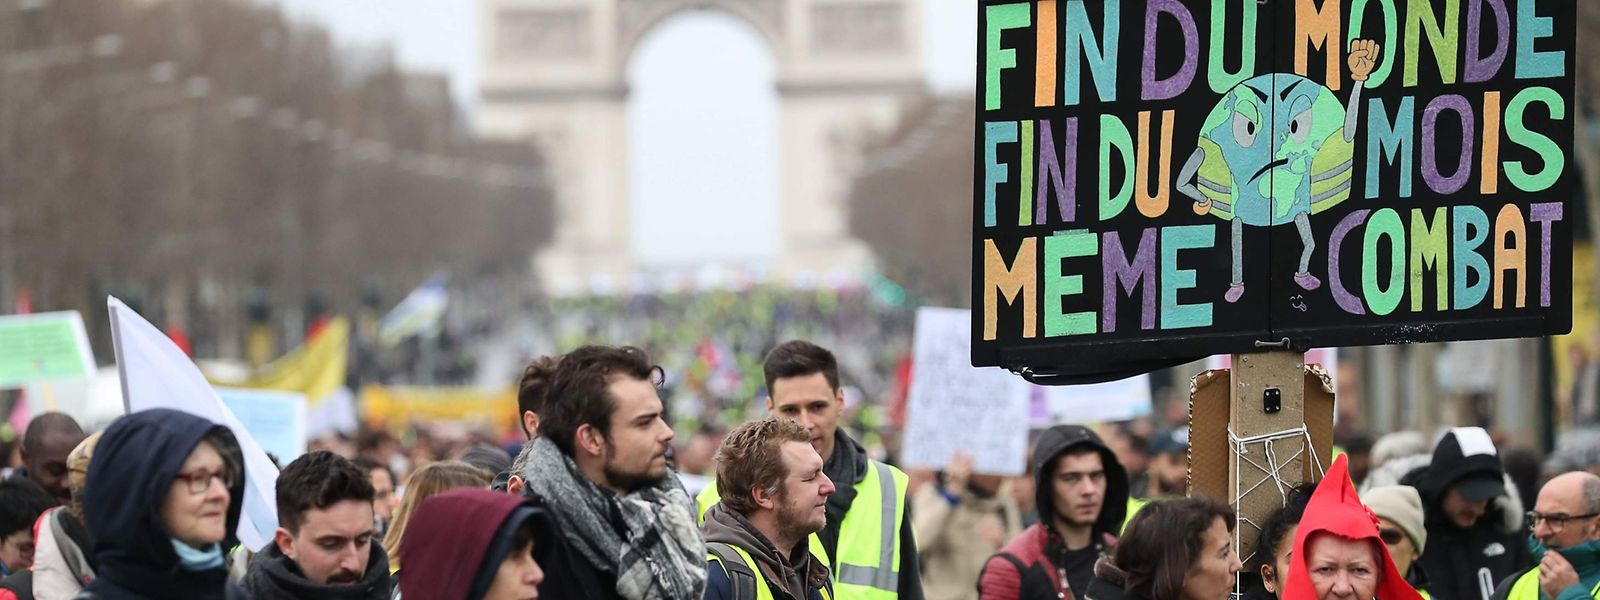 Anfänglich mobilisierte die Bewegung laut Schätzungen 250.000 Menschen.